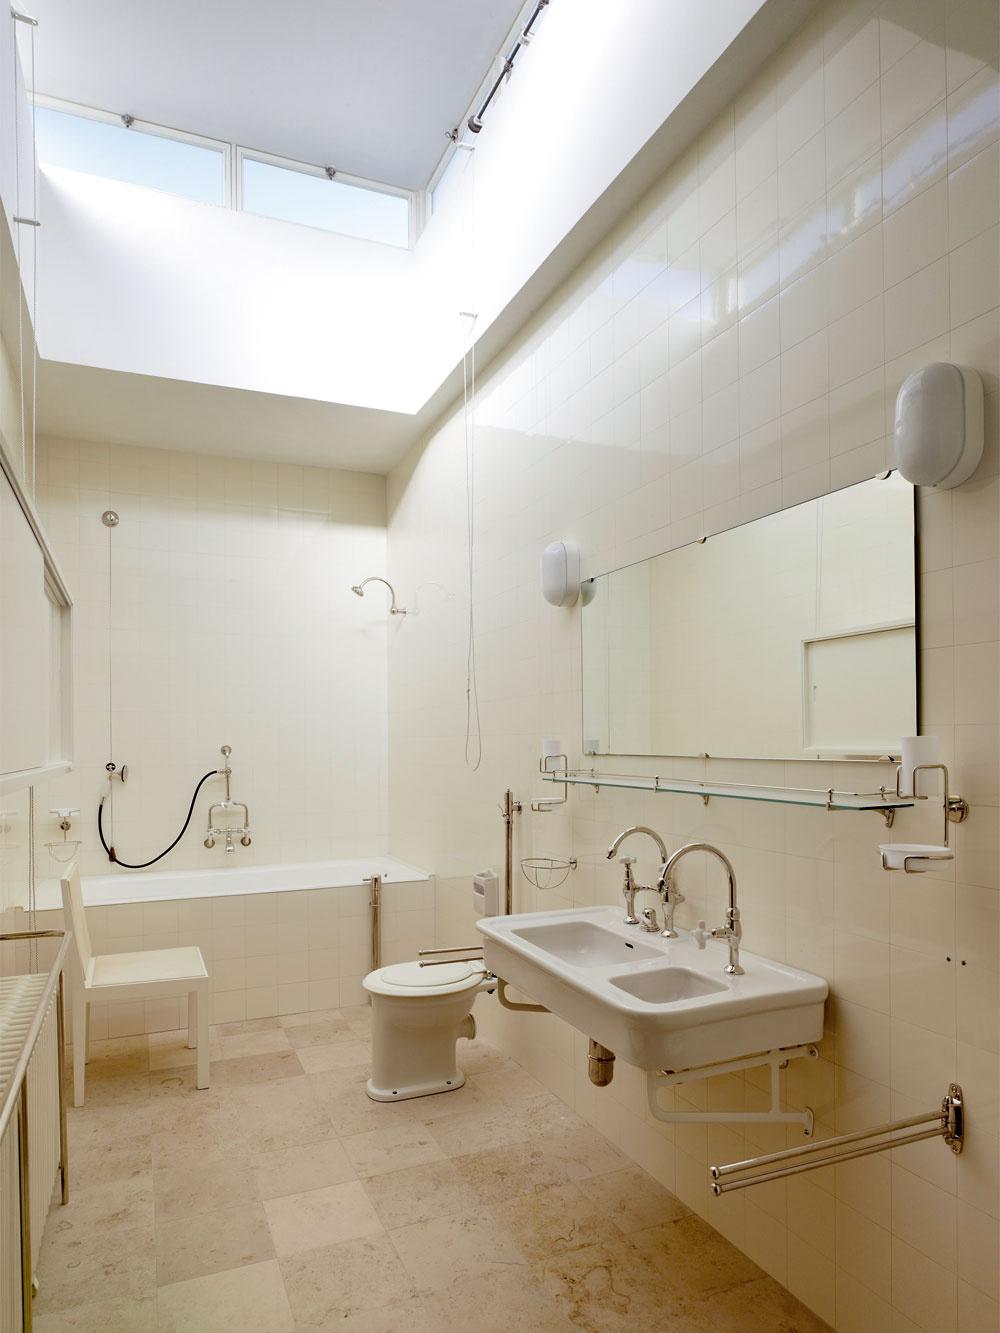 Kúpeľňu zdobia repliky pôvodných obkladov adlaždíc Rako od firmy Lasselsberger.